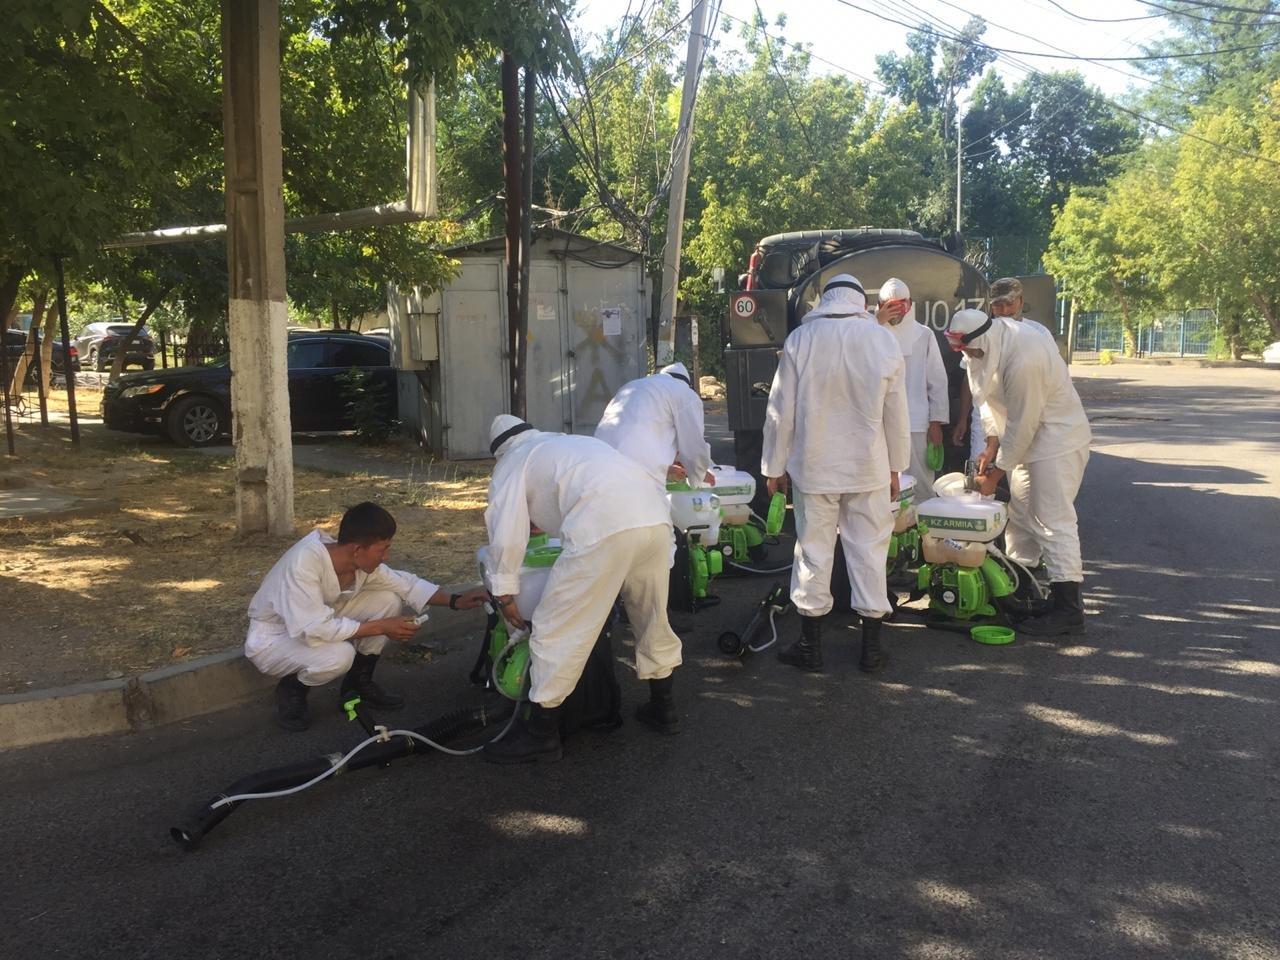 В ходе масштабной дезинфекции в Шымкенте используют 5 тонн хлорки, фото-1, Фото: пресс-служба акимата Шымкента